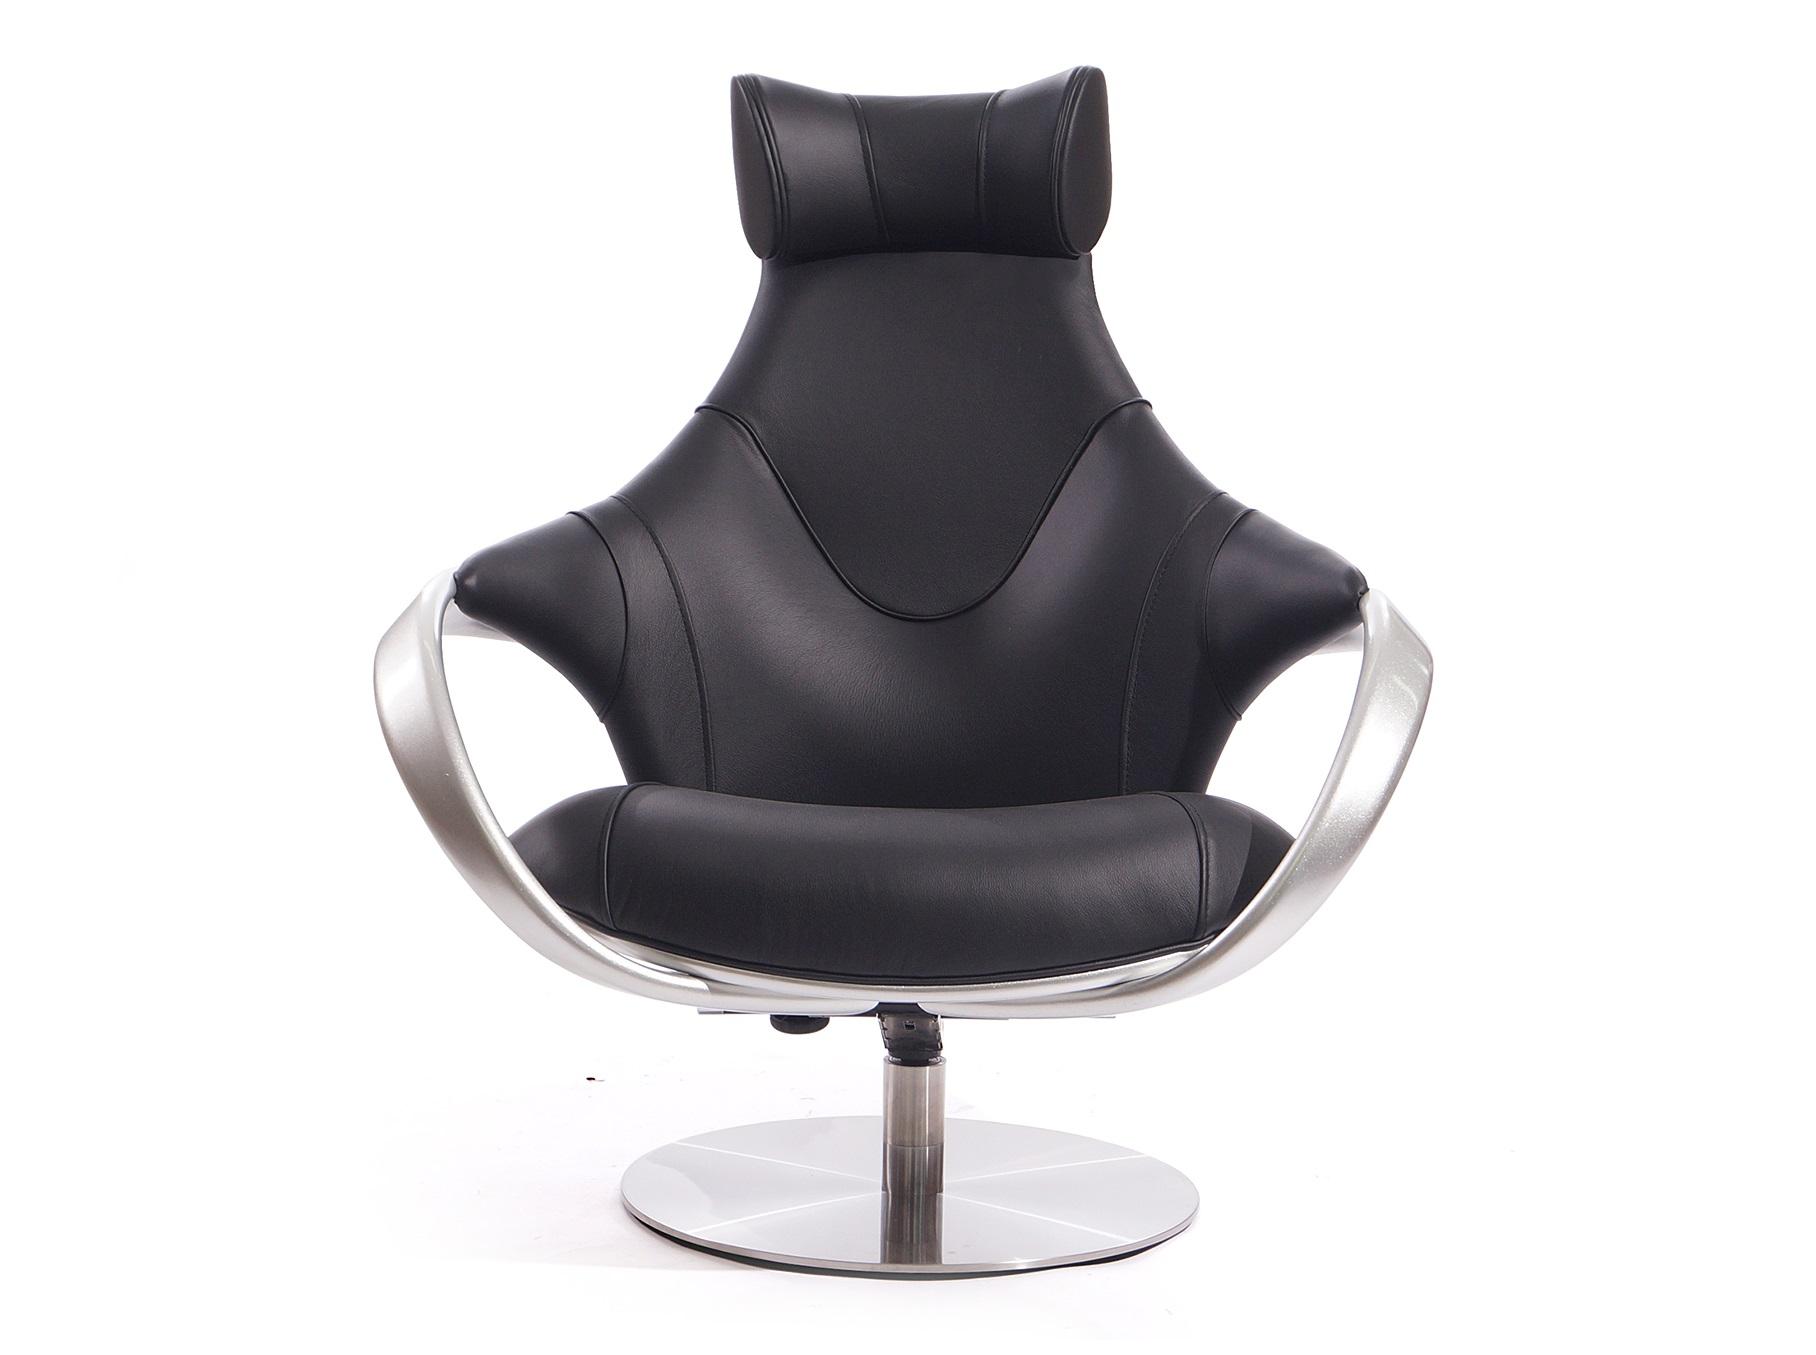 Кресло Apriori RКожаные кресла<br>&amp;lt;div&amp;gt;Удивительно удобное дизайнерское кресло с механизмом качения. Удачно дополнит комплект мягкой мебели в современную гостиную.&amp;amp;nbsp;&amp;lt;/div&amp;gt;&amp;lt;div&amp;gt;&amp;lt;br&amp;gt;&amp;lt;/div&amp;gt;&amp;lt;div&amp;gt;Материал: натуральное дерево.&amp;lt;/div&amp;gt;&amp;lt;div&amp;gt;Обивка: натуральная кожа.&amp;lt;/div&amp;gt;<br><br>Material: Кожа<br>Length см: None<br>Width см: 85<br>Depth см: 102<br>Height см: 110